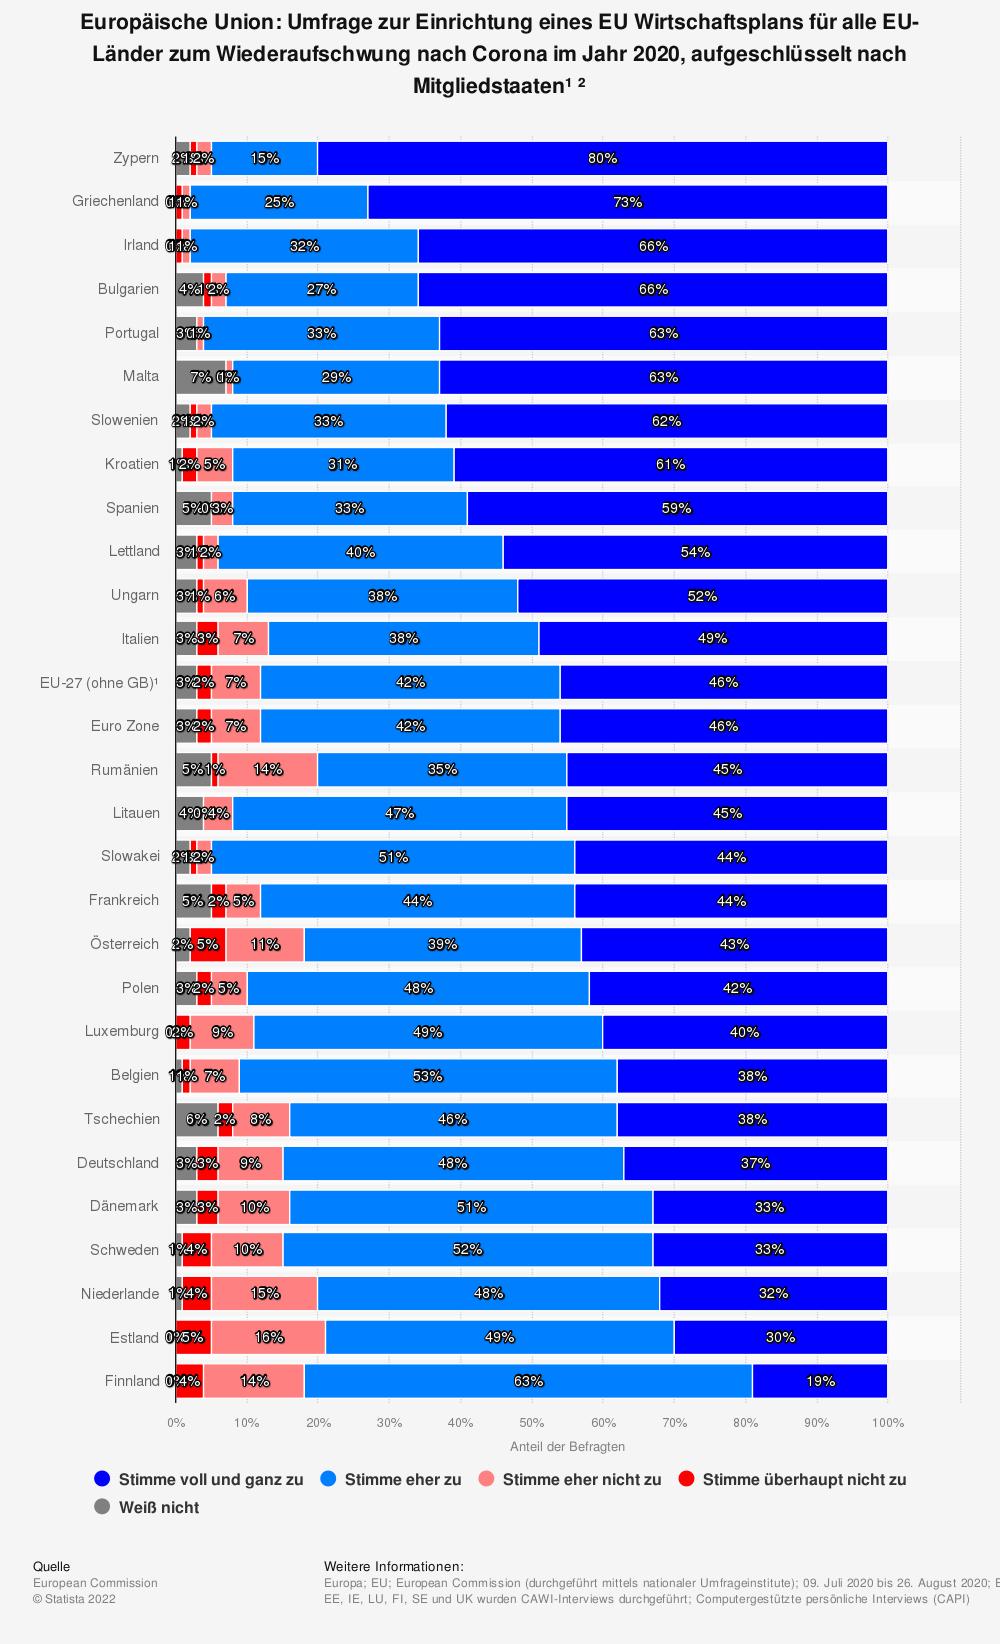 Statistik: Europäische Union: Umfrage zur Einrichtung eines EU Wirtschaftsplans für alle EU-Länder zum Wiederaufschwung nach Corona im Jahr 2020, aufgeschlüsselt nach Mitgliedstaaten¹ ²    Statista